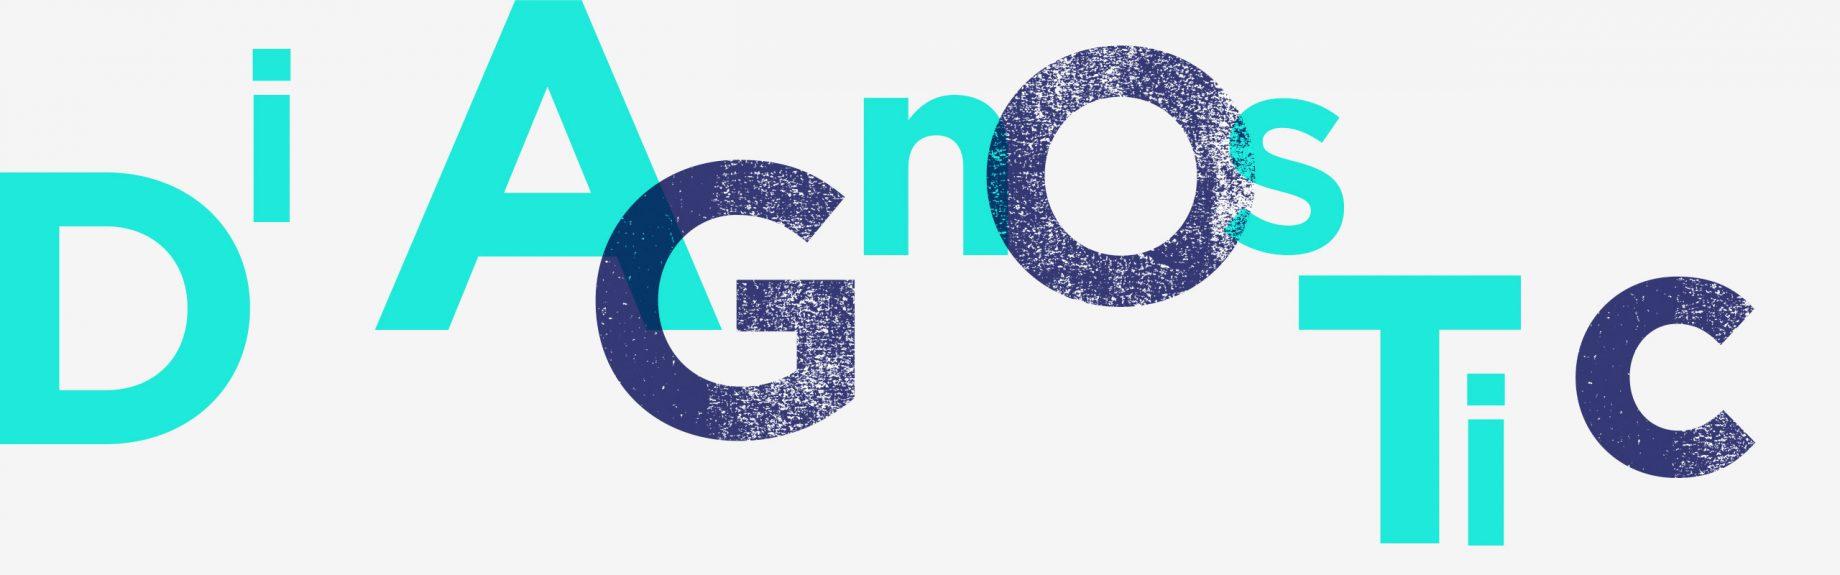 Un nouveau site Web de diagnostic et d'amélioration de l'orthographe française